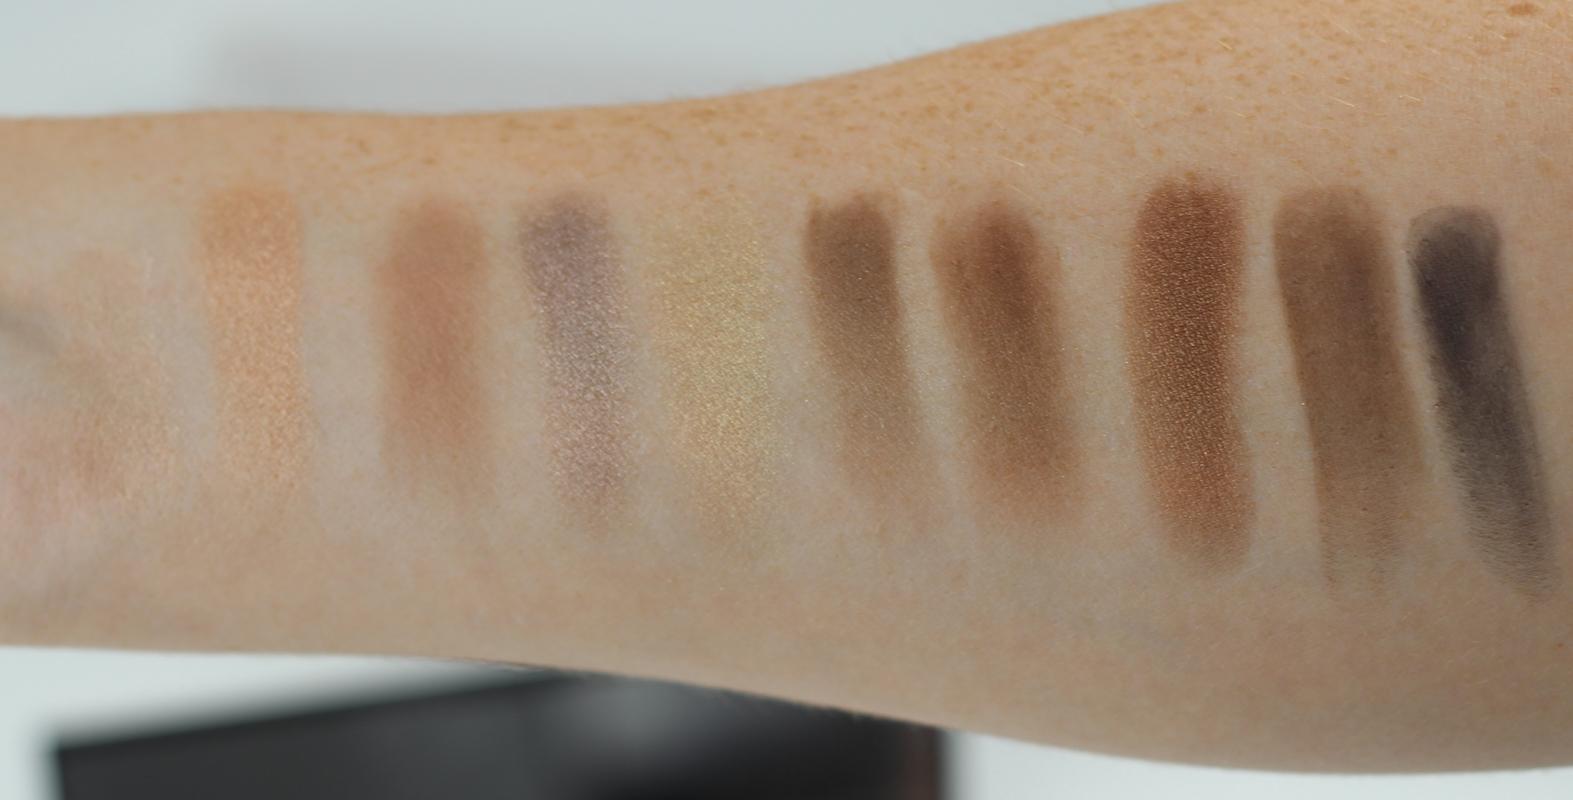 L'Oreal Paris Color Riche La Palette Nude Eyeshadow Palette Beige Swatches